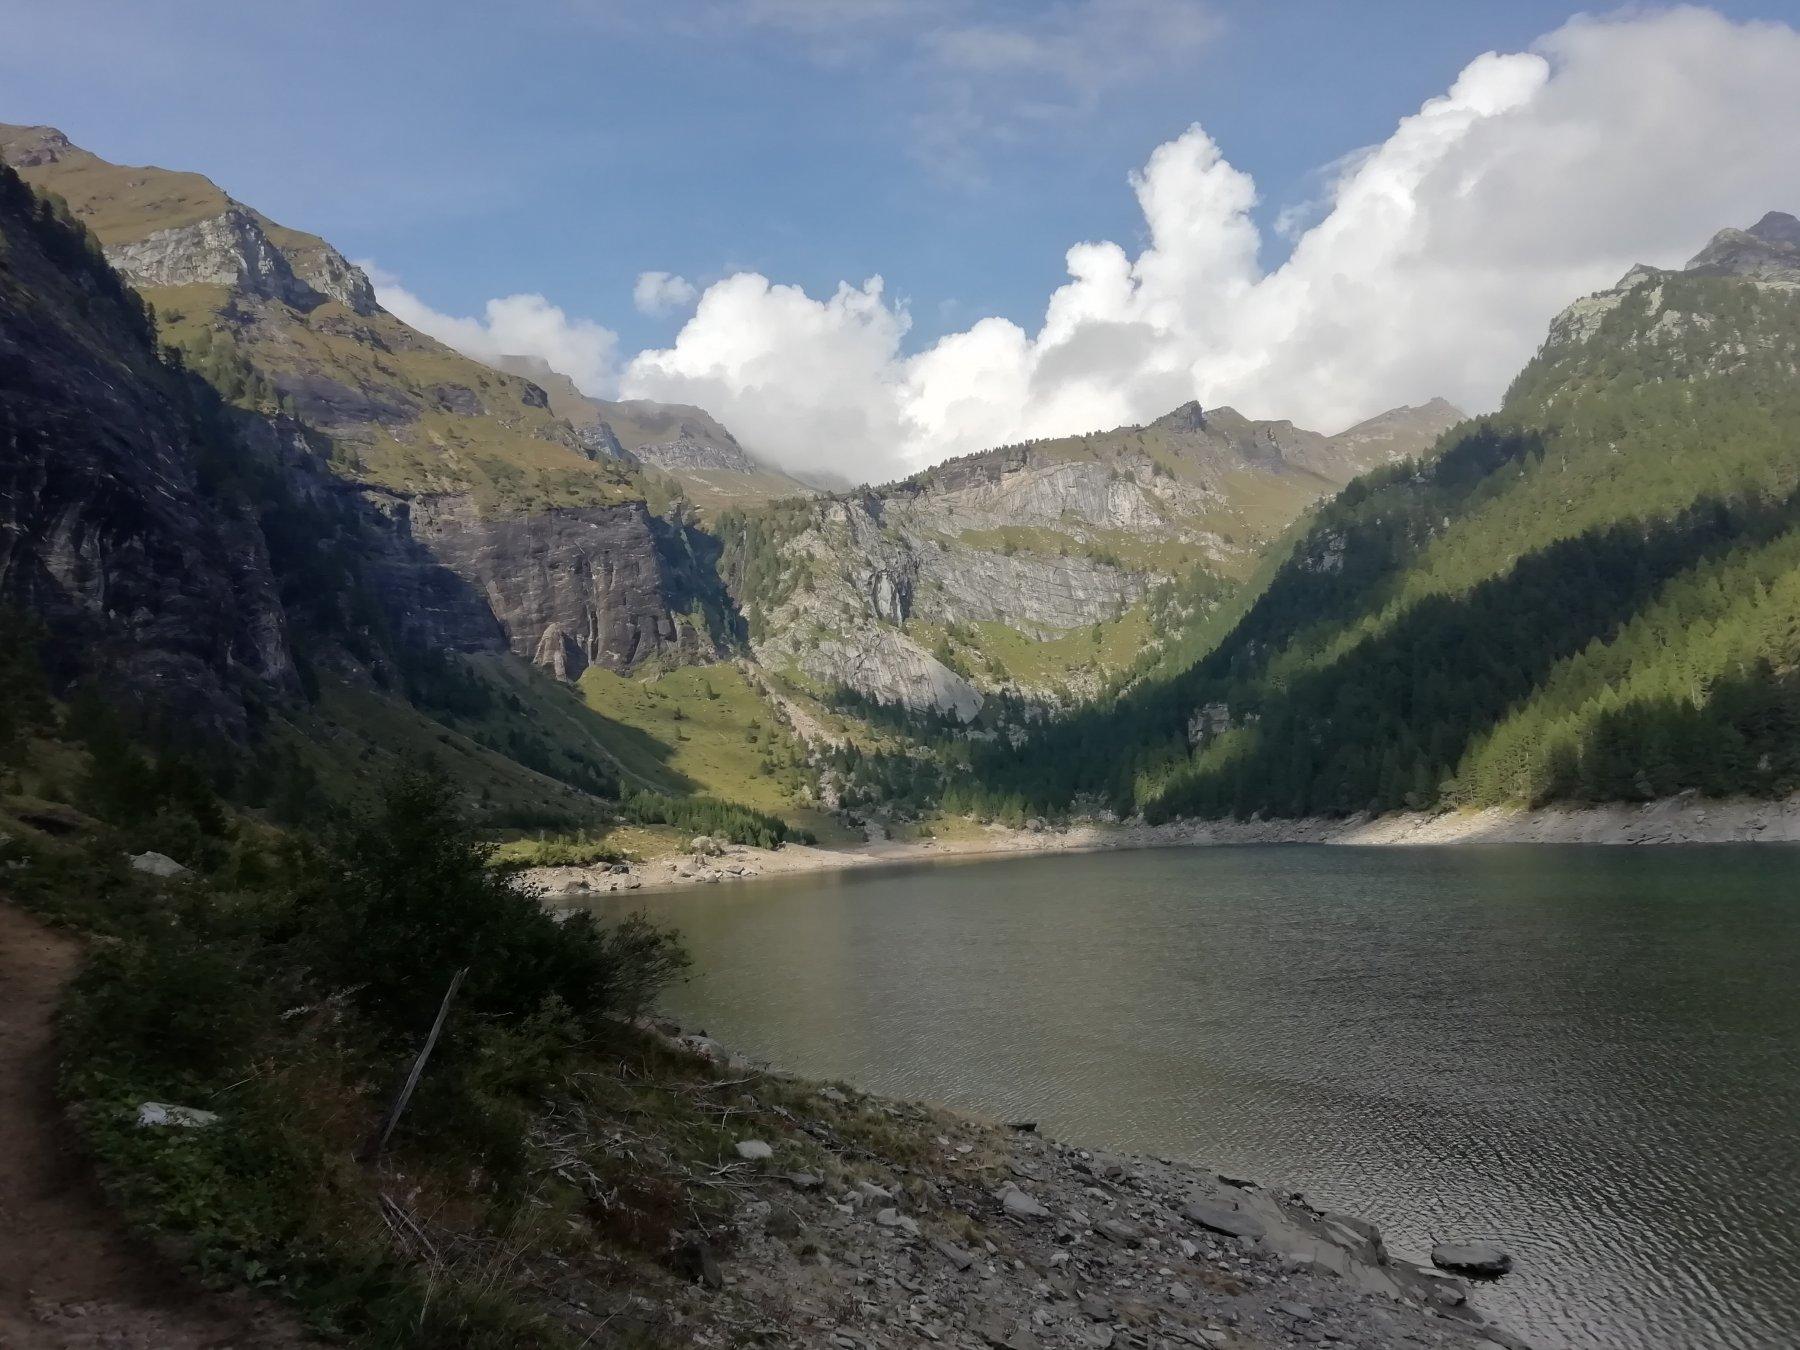 Il lago e in fondo il settore Pinnacle dove si trova la via